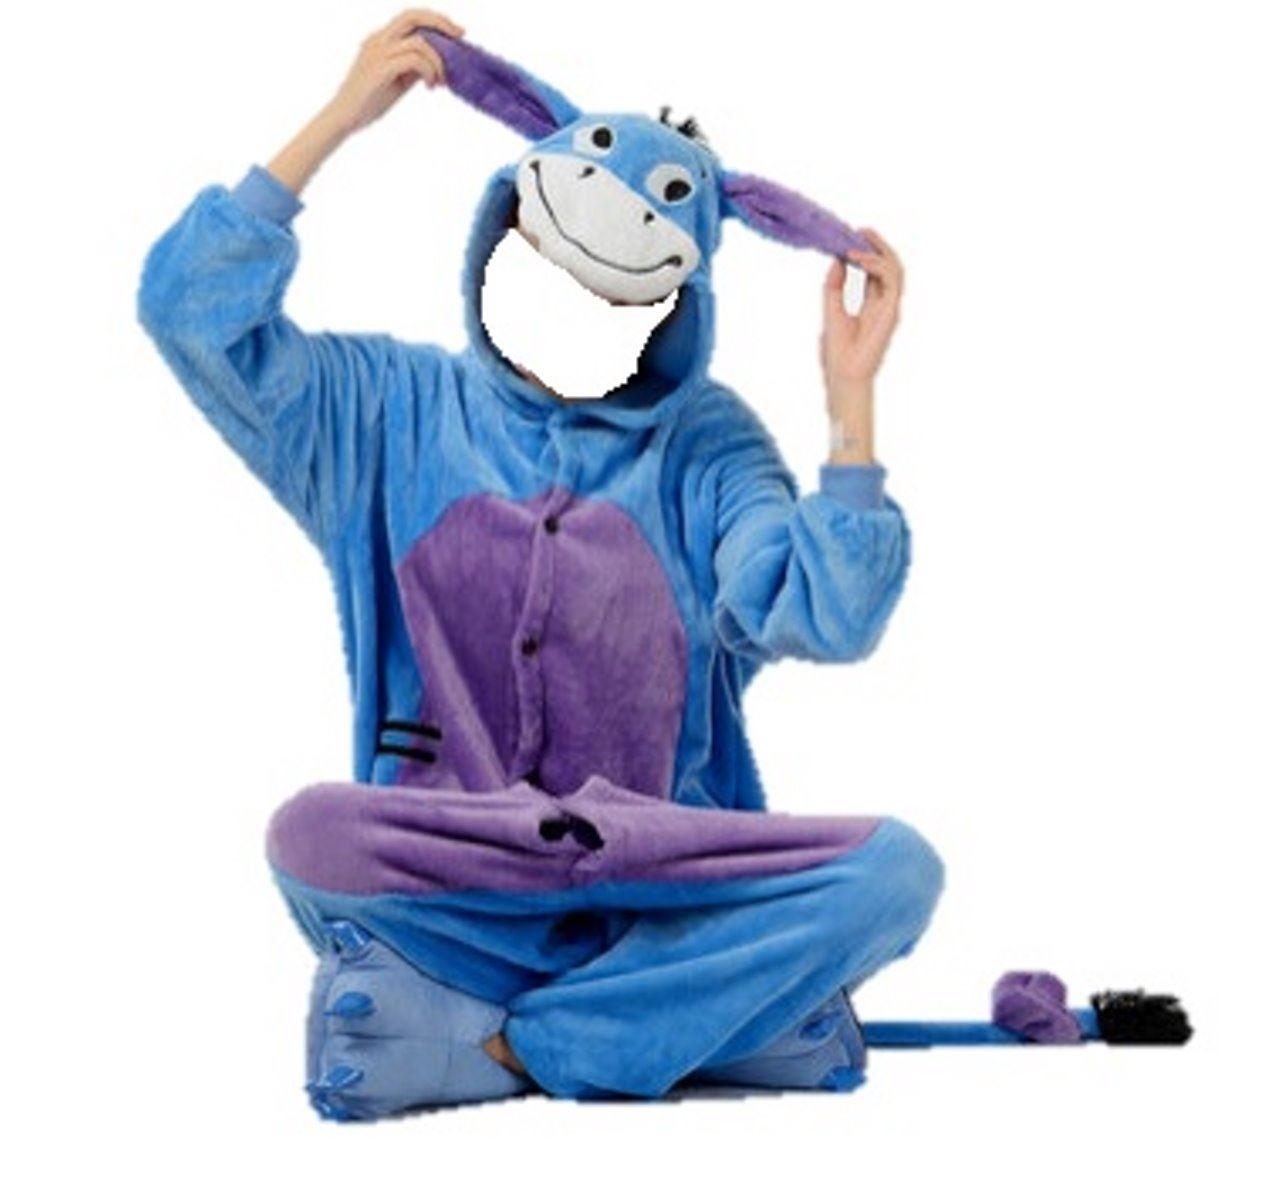 onesie animal cosplay cartoon character pyjamas pajama | eBay